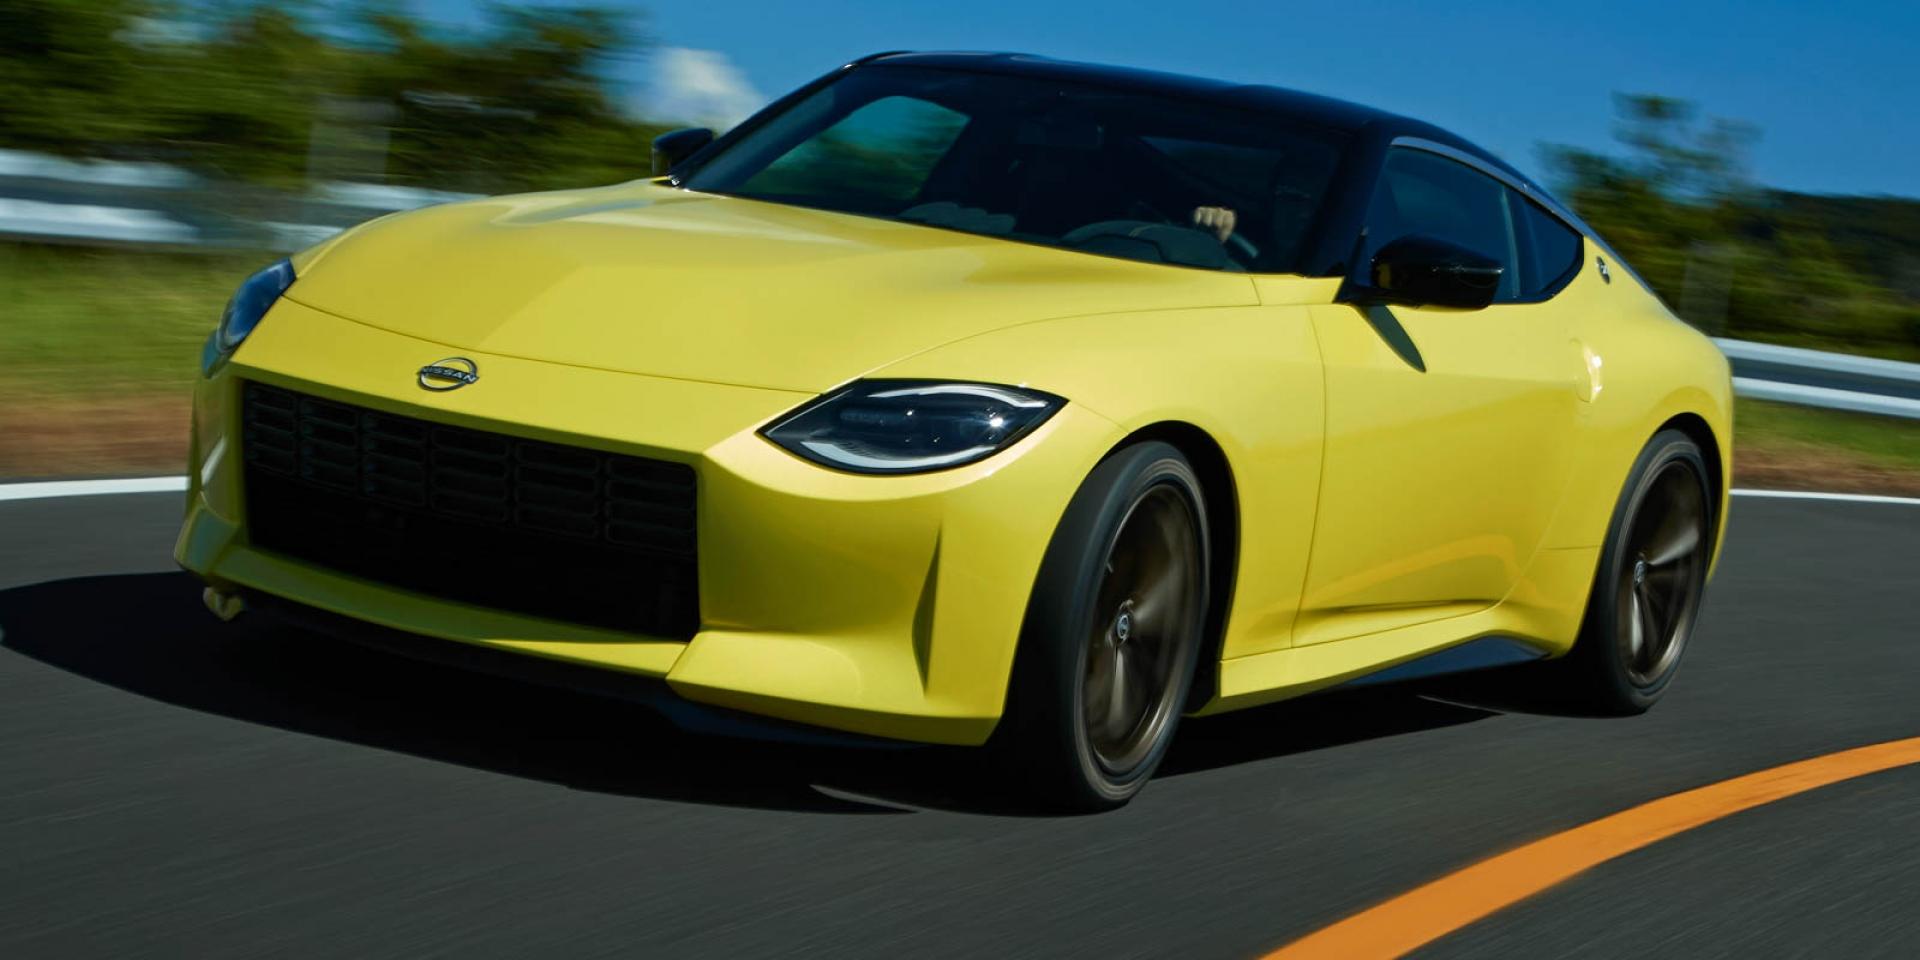 集經典元素於一身,Nissan Z Proto搶先窺探下一代 Z跑車 樣貌